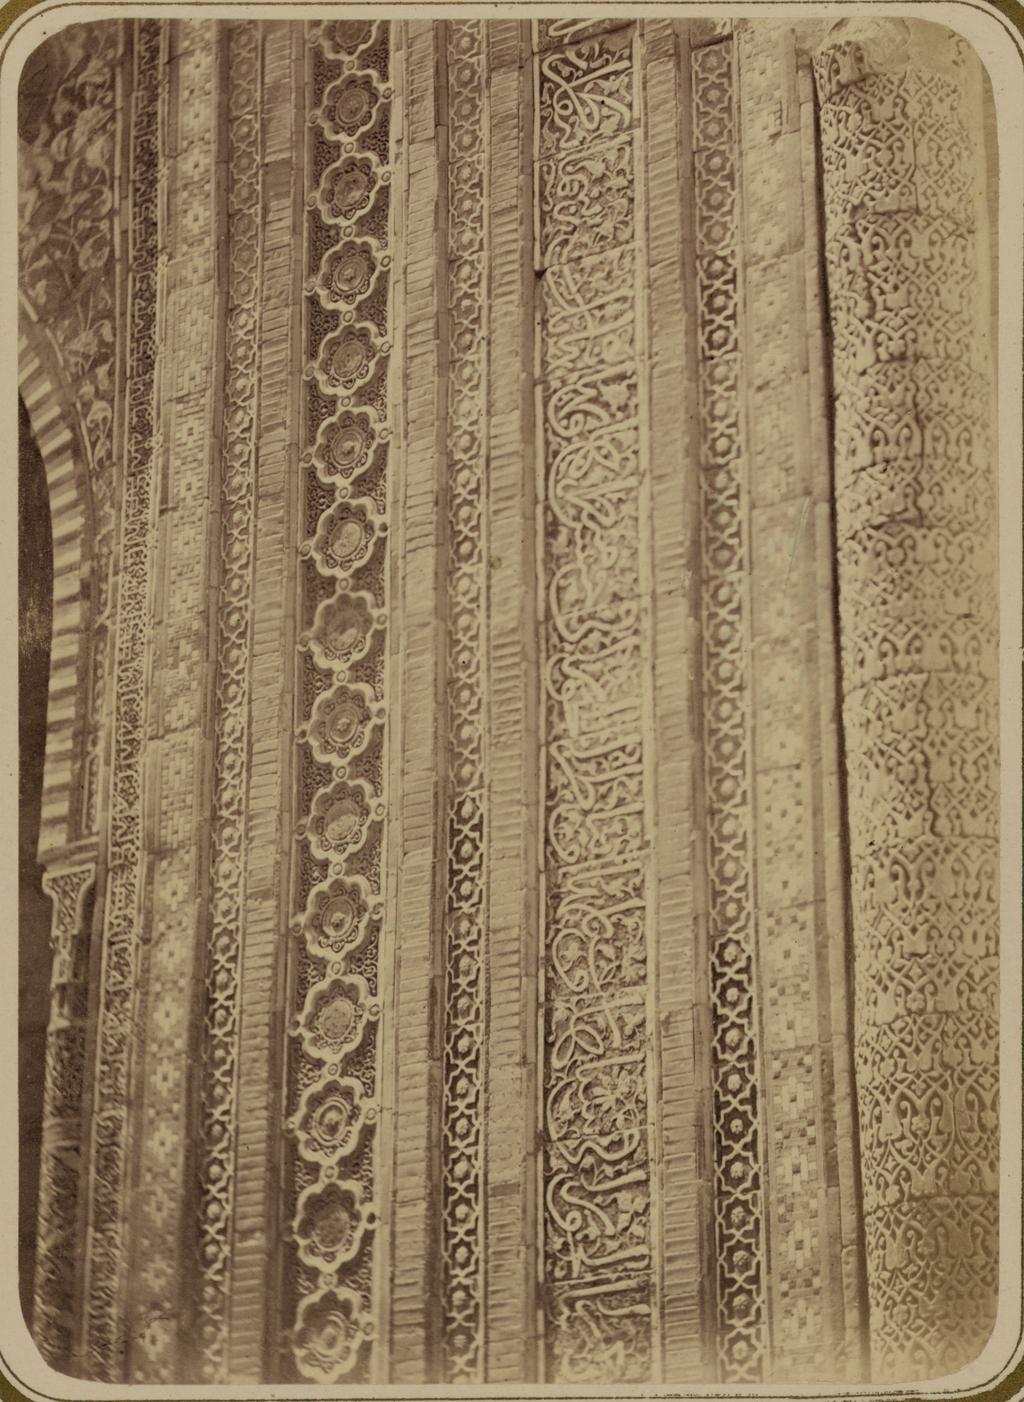 Мавзолей эмира Кутулука Турди Бека Ака. Надпись на правой стороне фасада (верх)